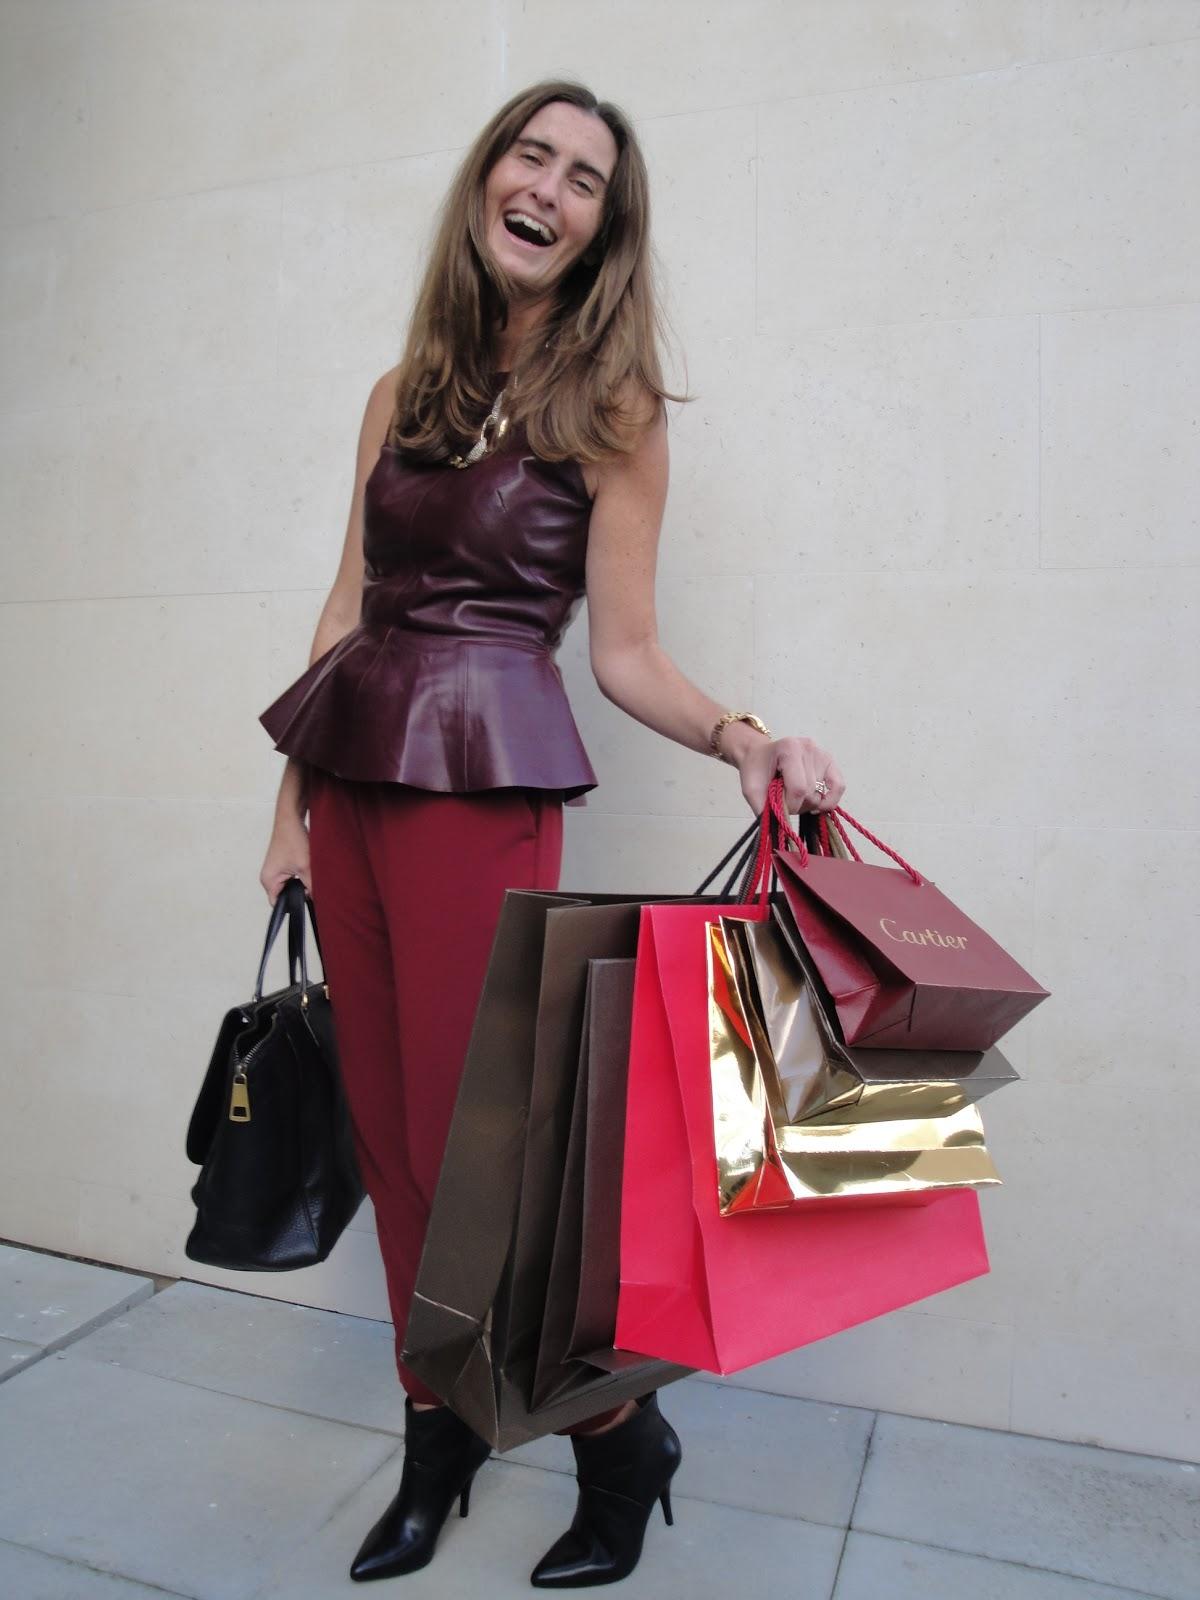 7c5893a8e14b9 HOJE ESTOU DE PARABÉNS! - I Dress Your Style by Alexandra ...